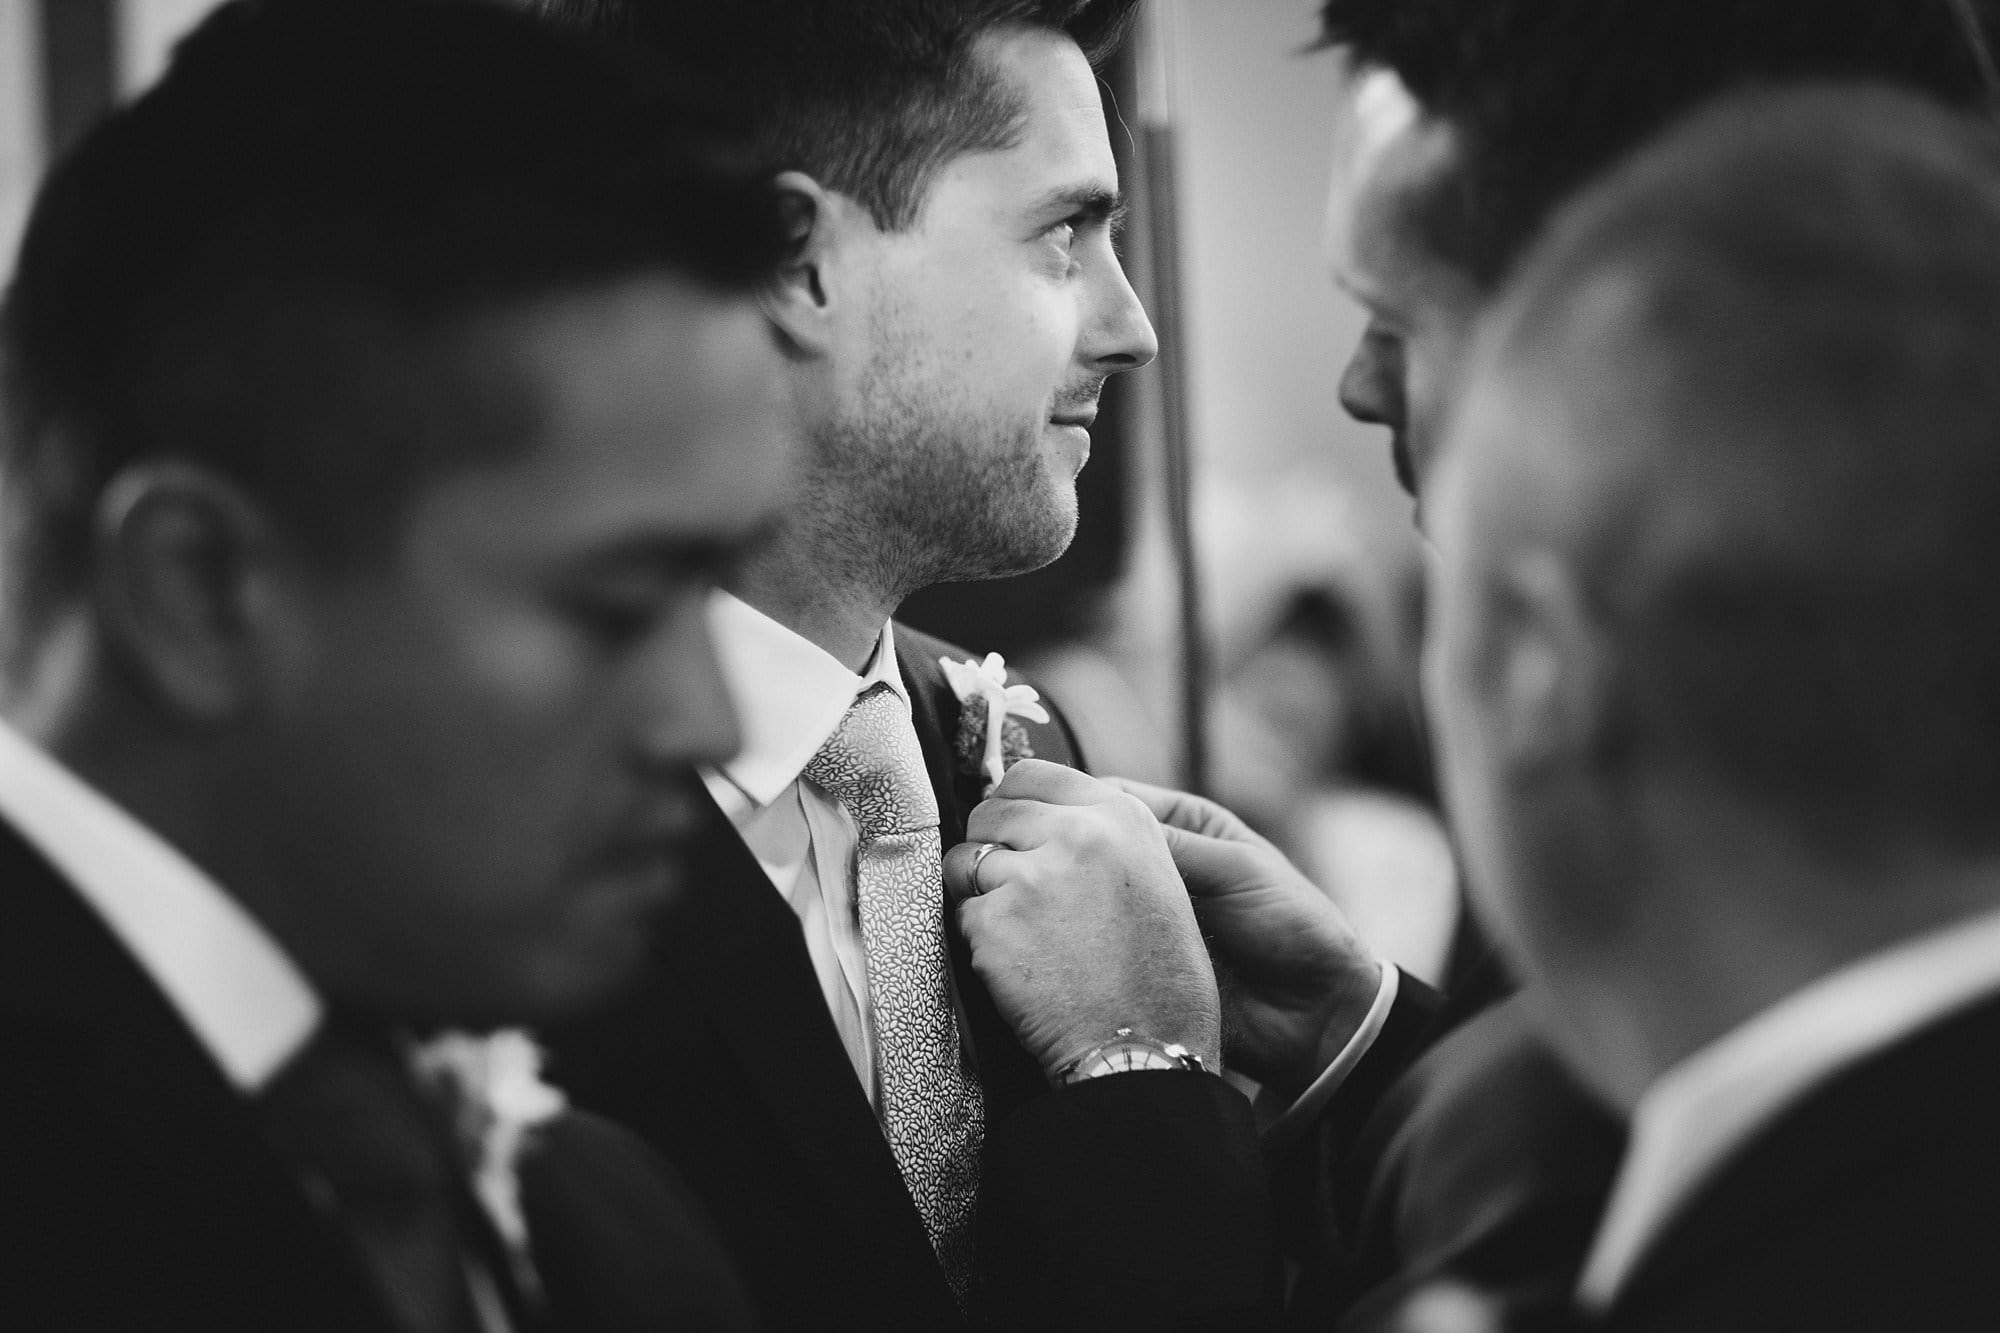 ashtead london wedding photographer 033 - Rachel & Jonny's Ashtead Wedding